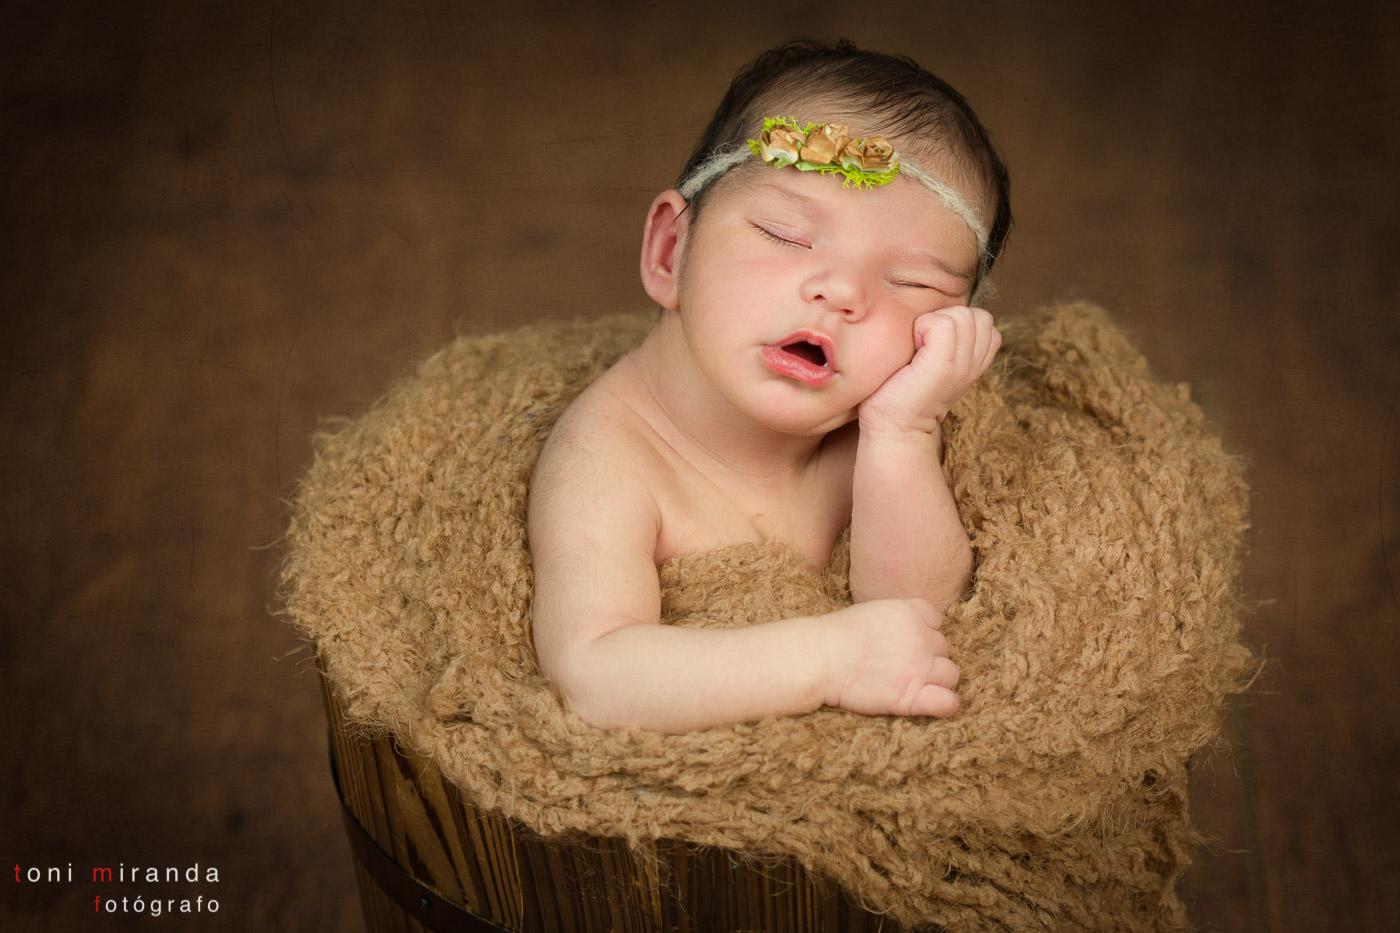 bebe recien nacido durmiendo en cubo de madera apoyado en sus manos con florecitas en la cabeza